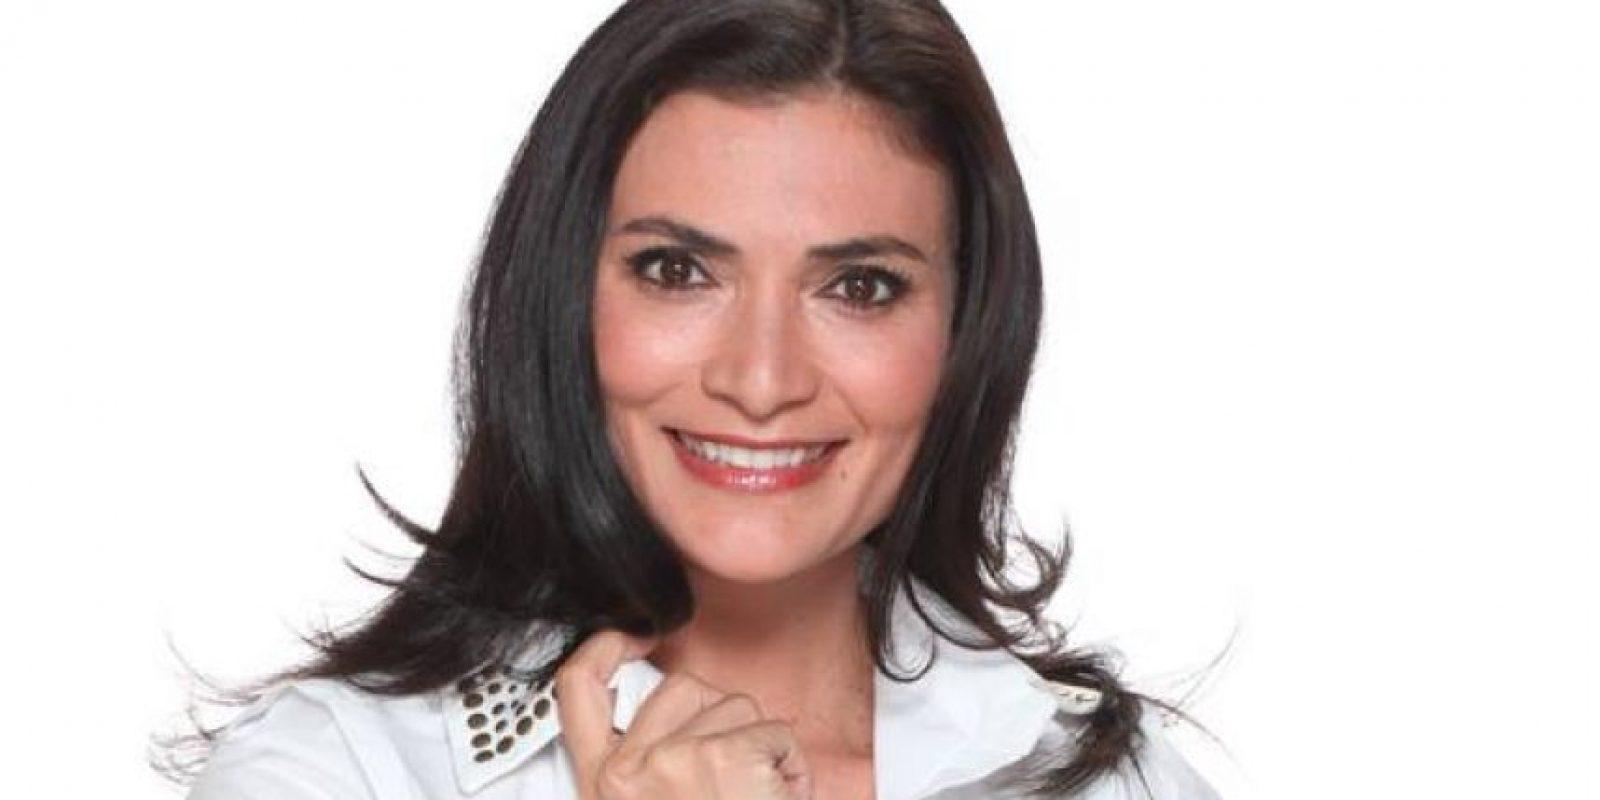 Foto:Facebook Ana María Orozco – www.facebook.com/anamariaorozcofc